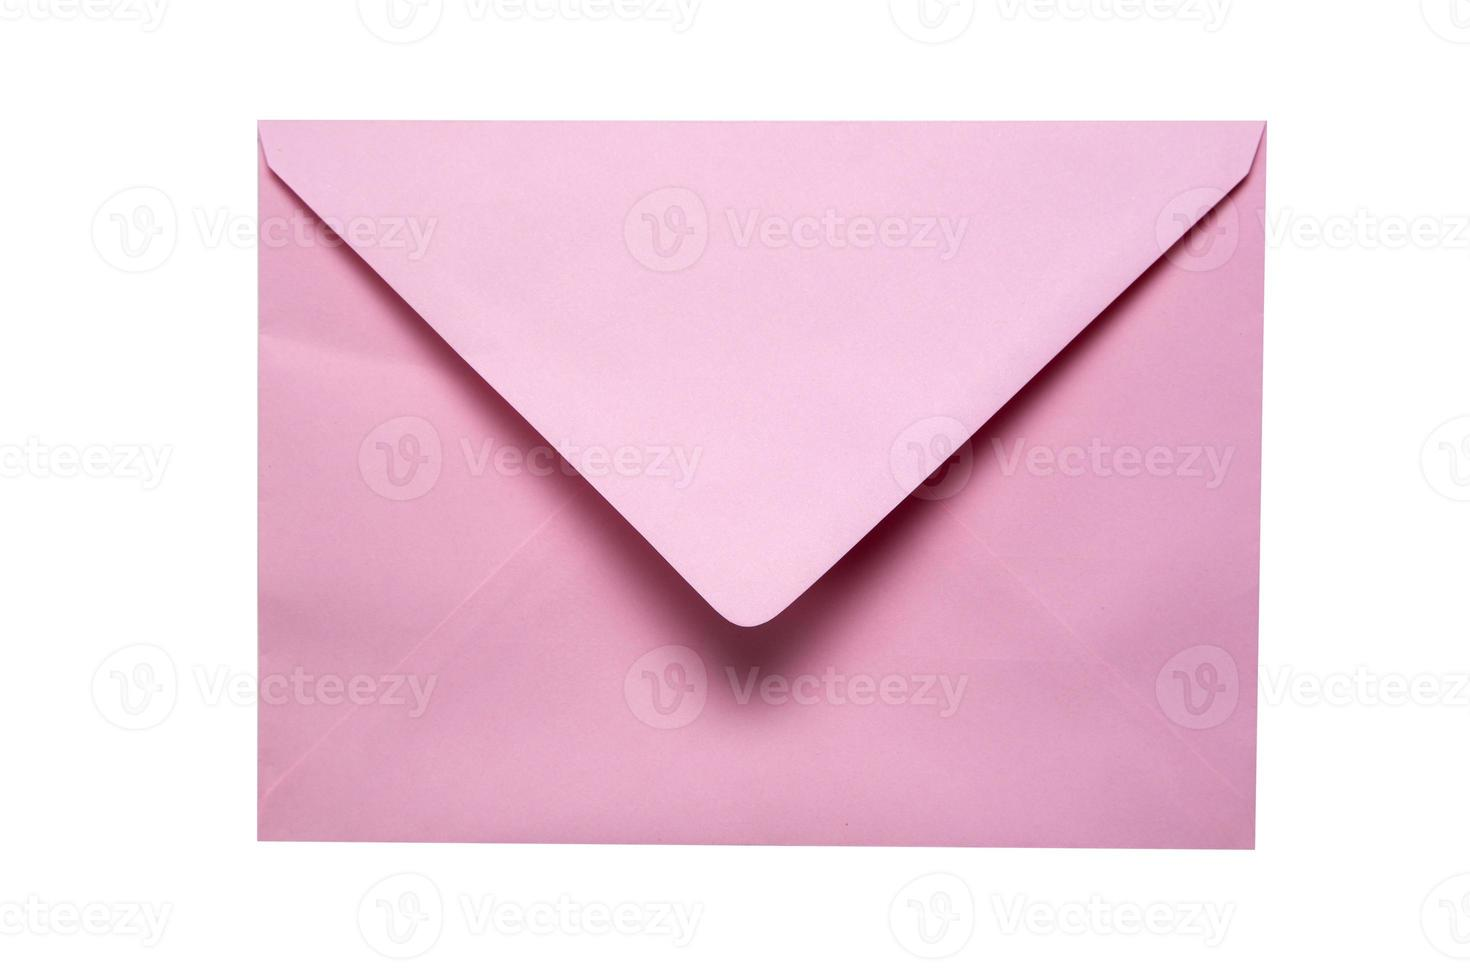 Envelope photo